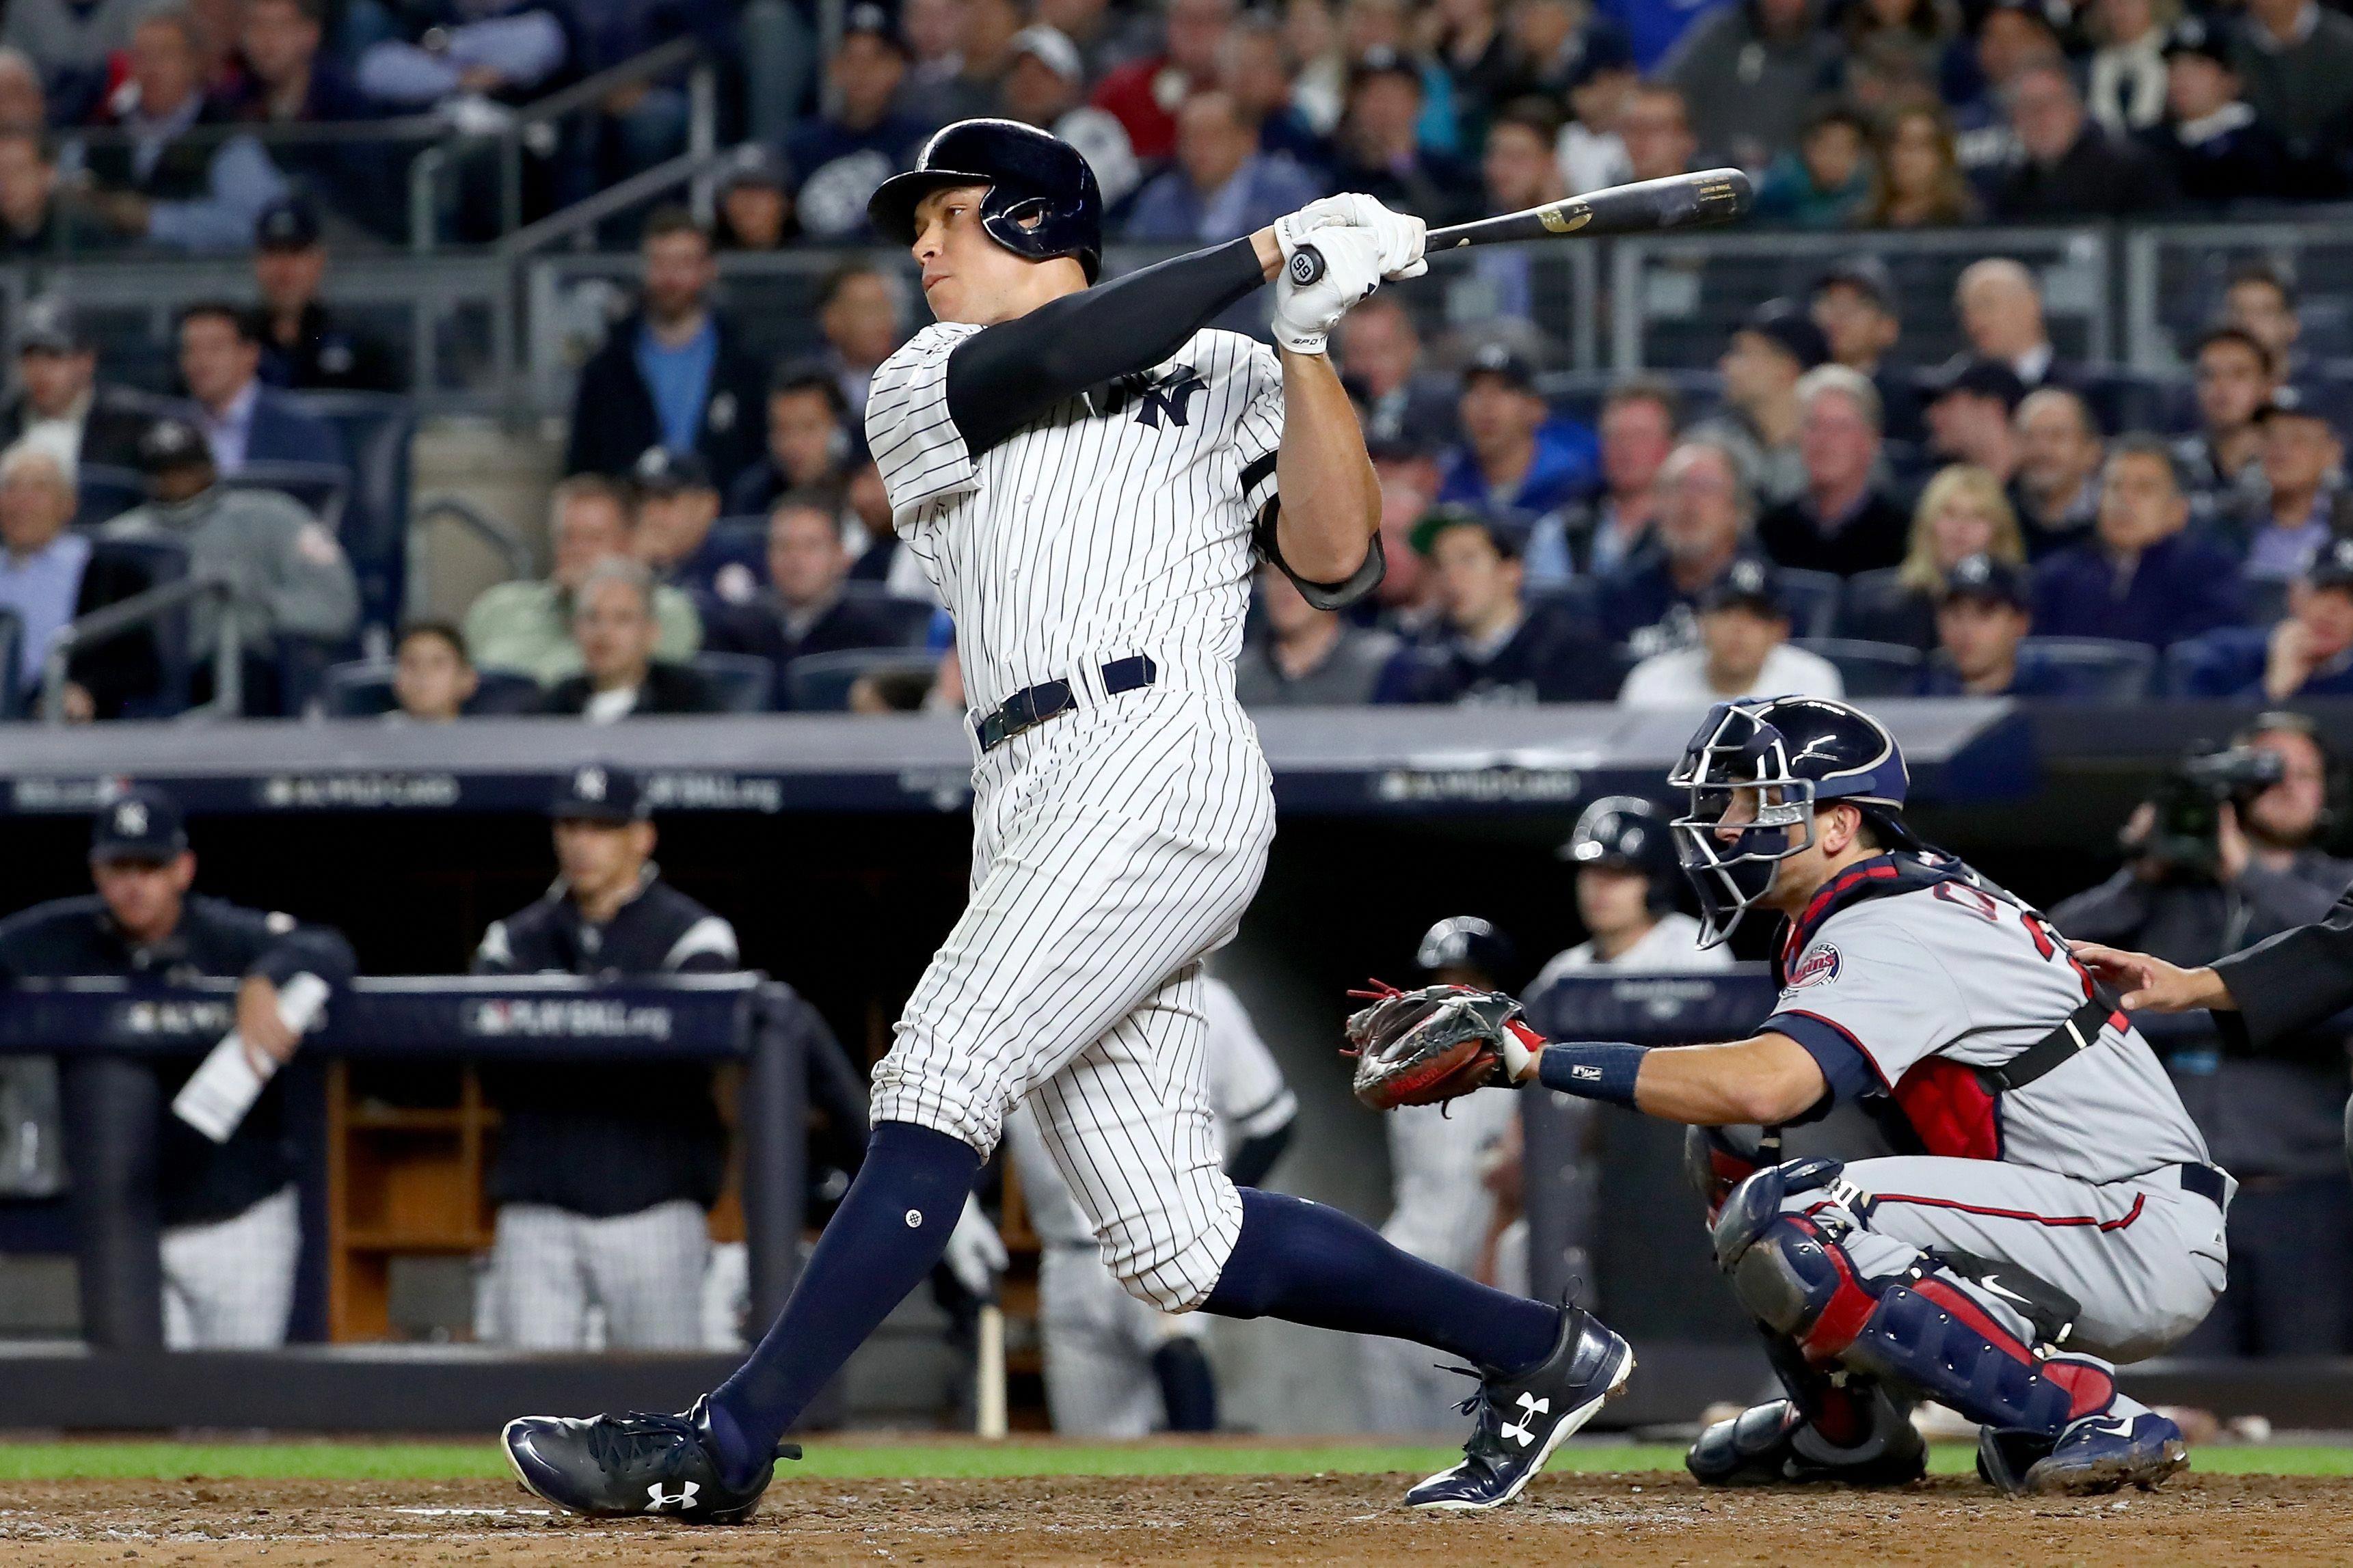 Baseballgames2017 New York Yankees Yankees Cleveland Indians